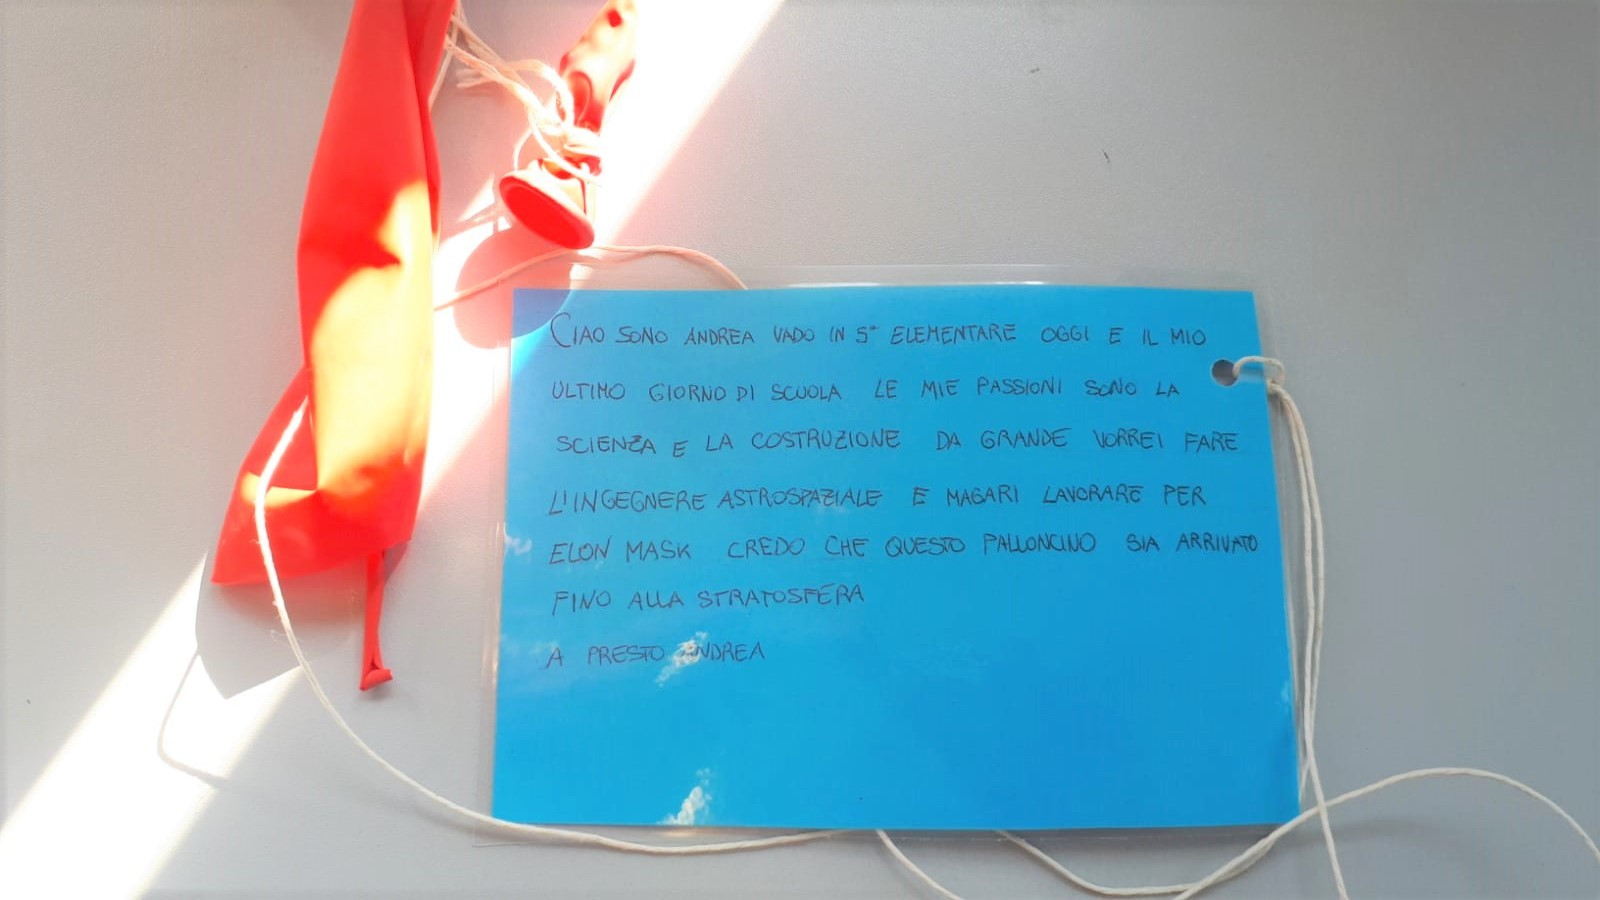 Biglietto Con Messaggio Attaccato Ad Un Palloncino Rosso